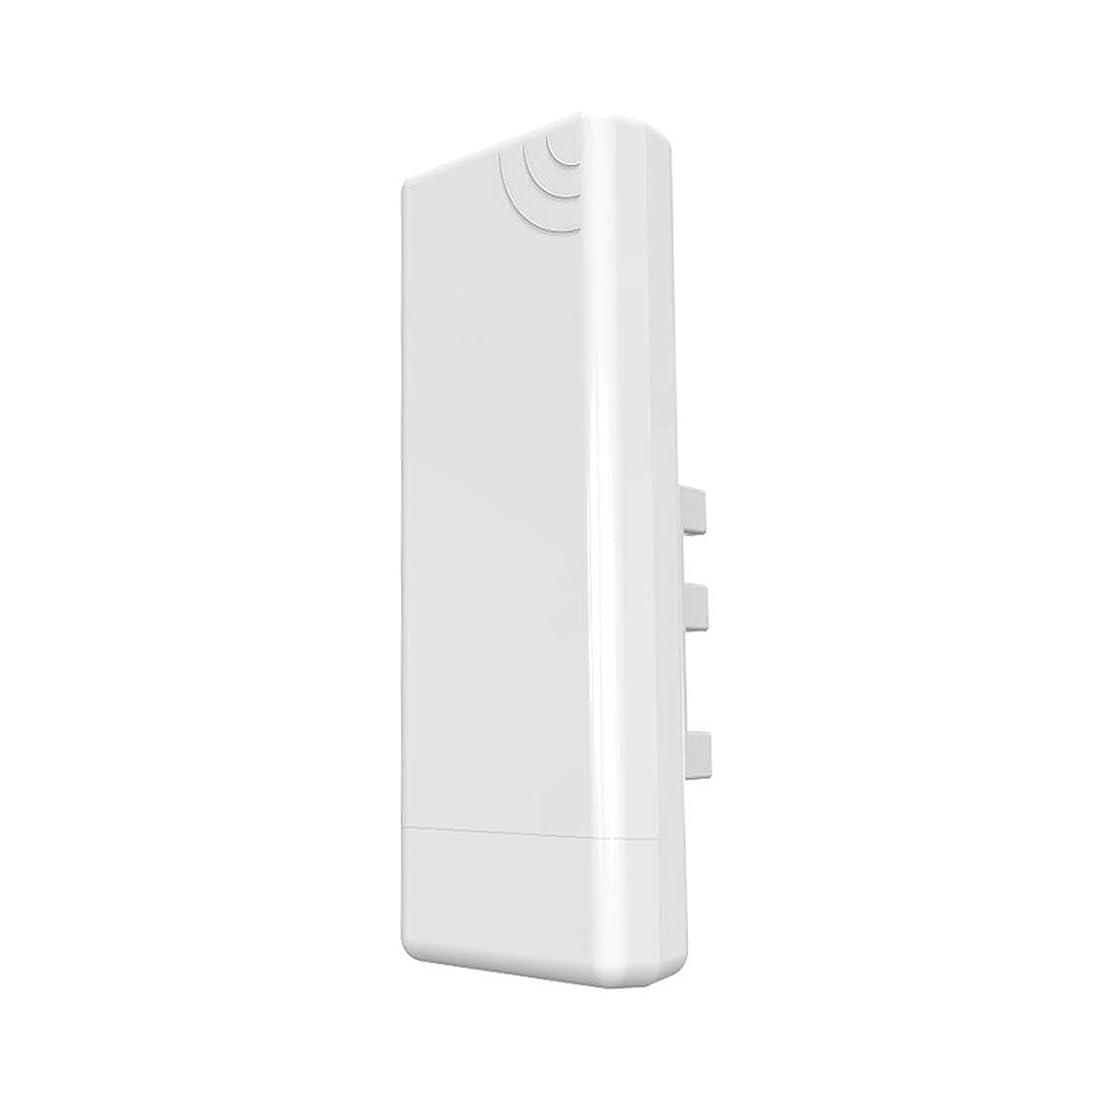 責めるドアミラーラフComputerParts YHM COMFAST CF-E312A Qualcomm AR9344 5.8GHz 300Mbps/s アウトドア ABS ワイヤレス ネットワークブリッジ POEアダプター付き